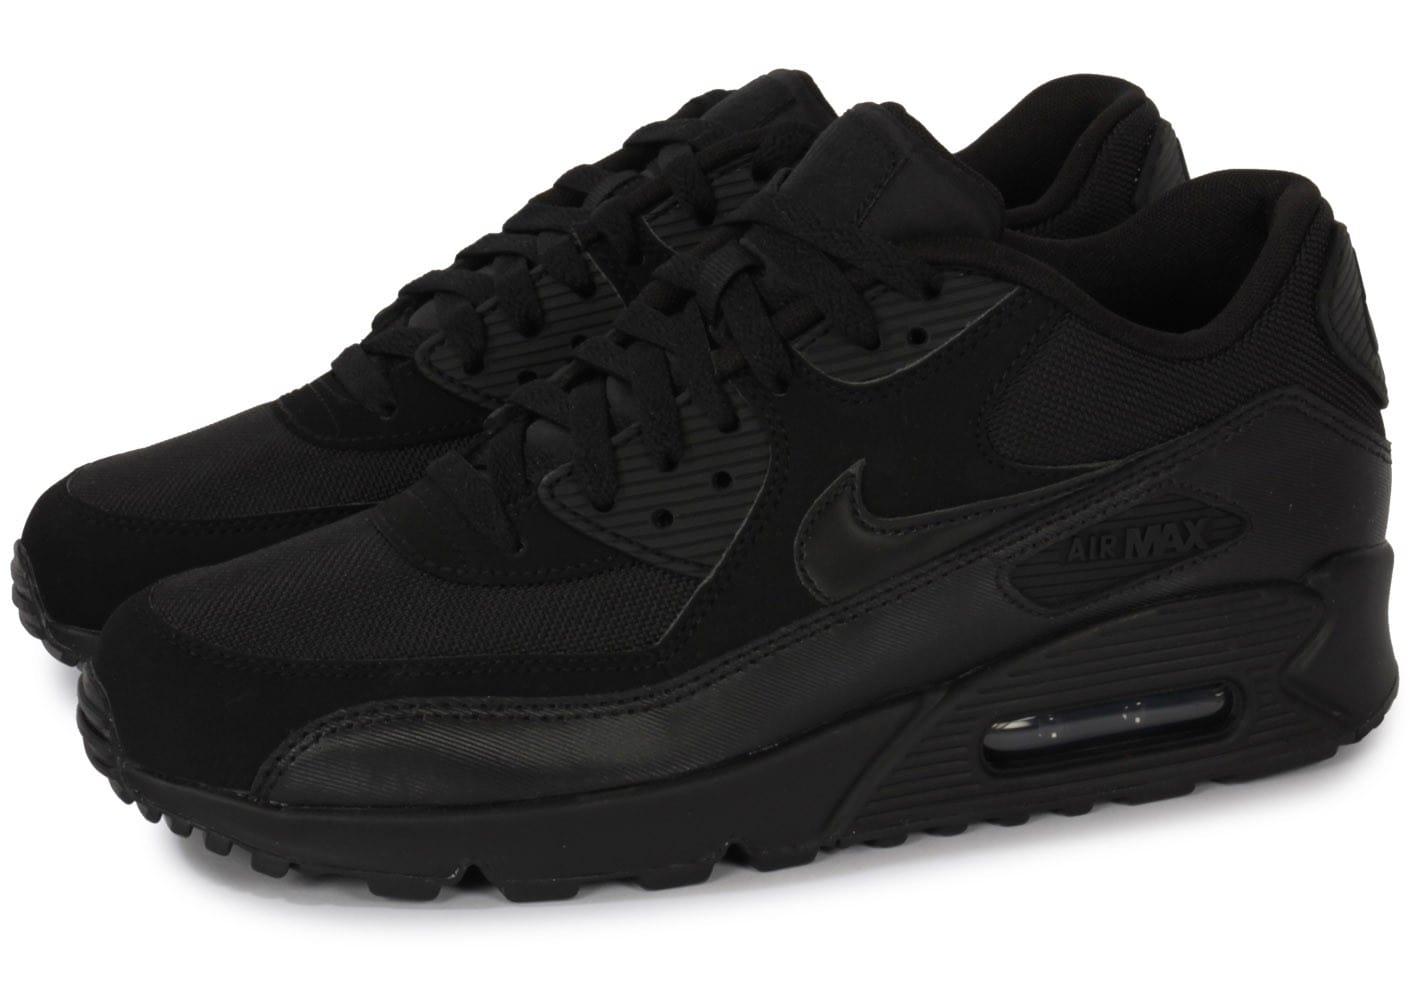 new arrival 70db9 3222f Prix de gros air max 90 noir homme France vente en ligne, toutes les gammes  de chaussures Nike pour hommes et femmes outlet pas cher.